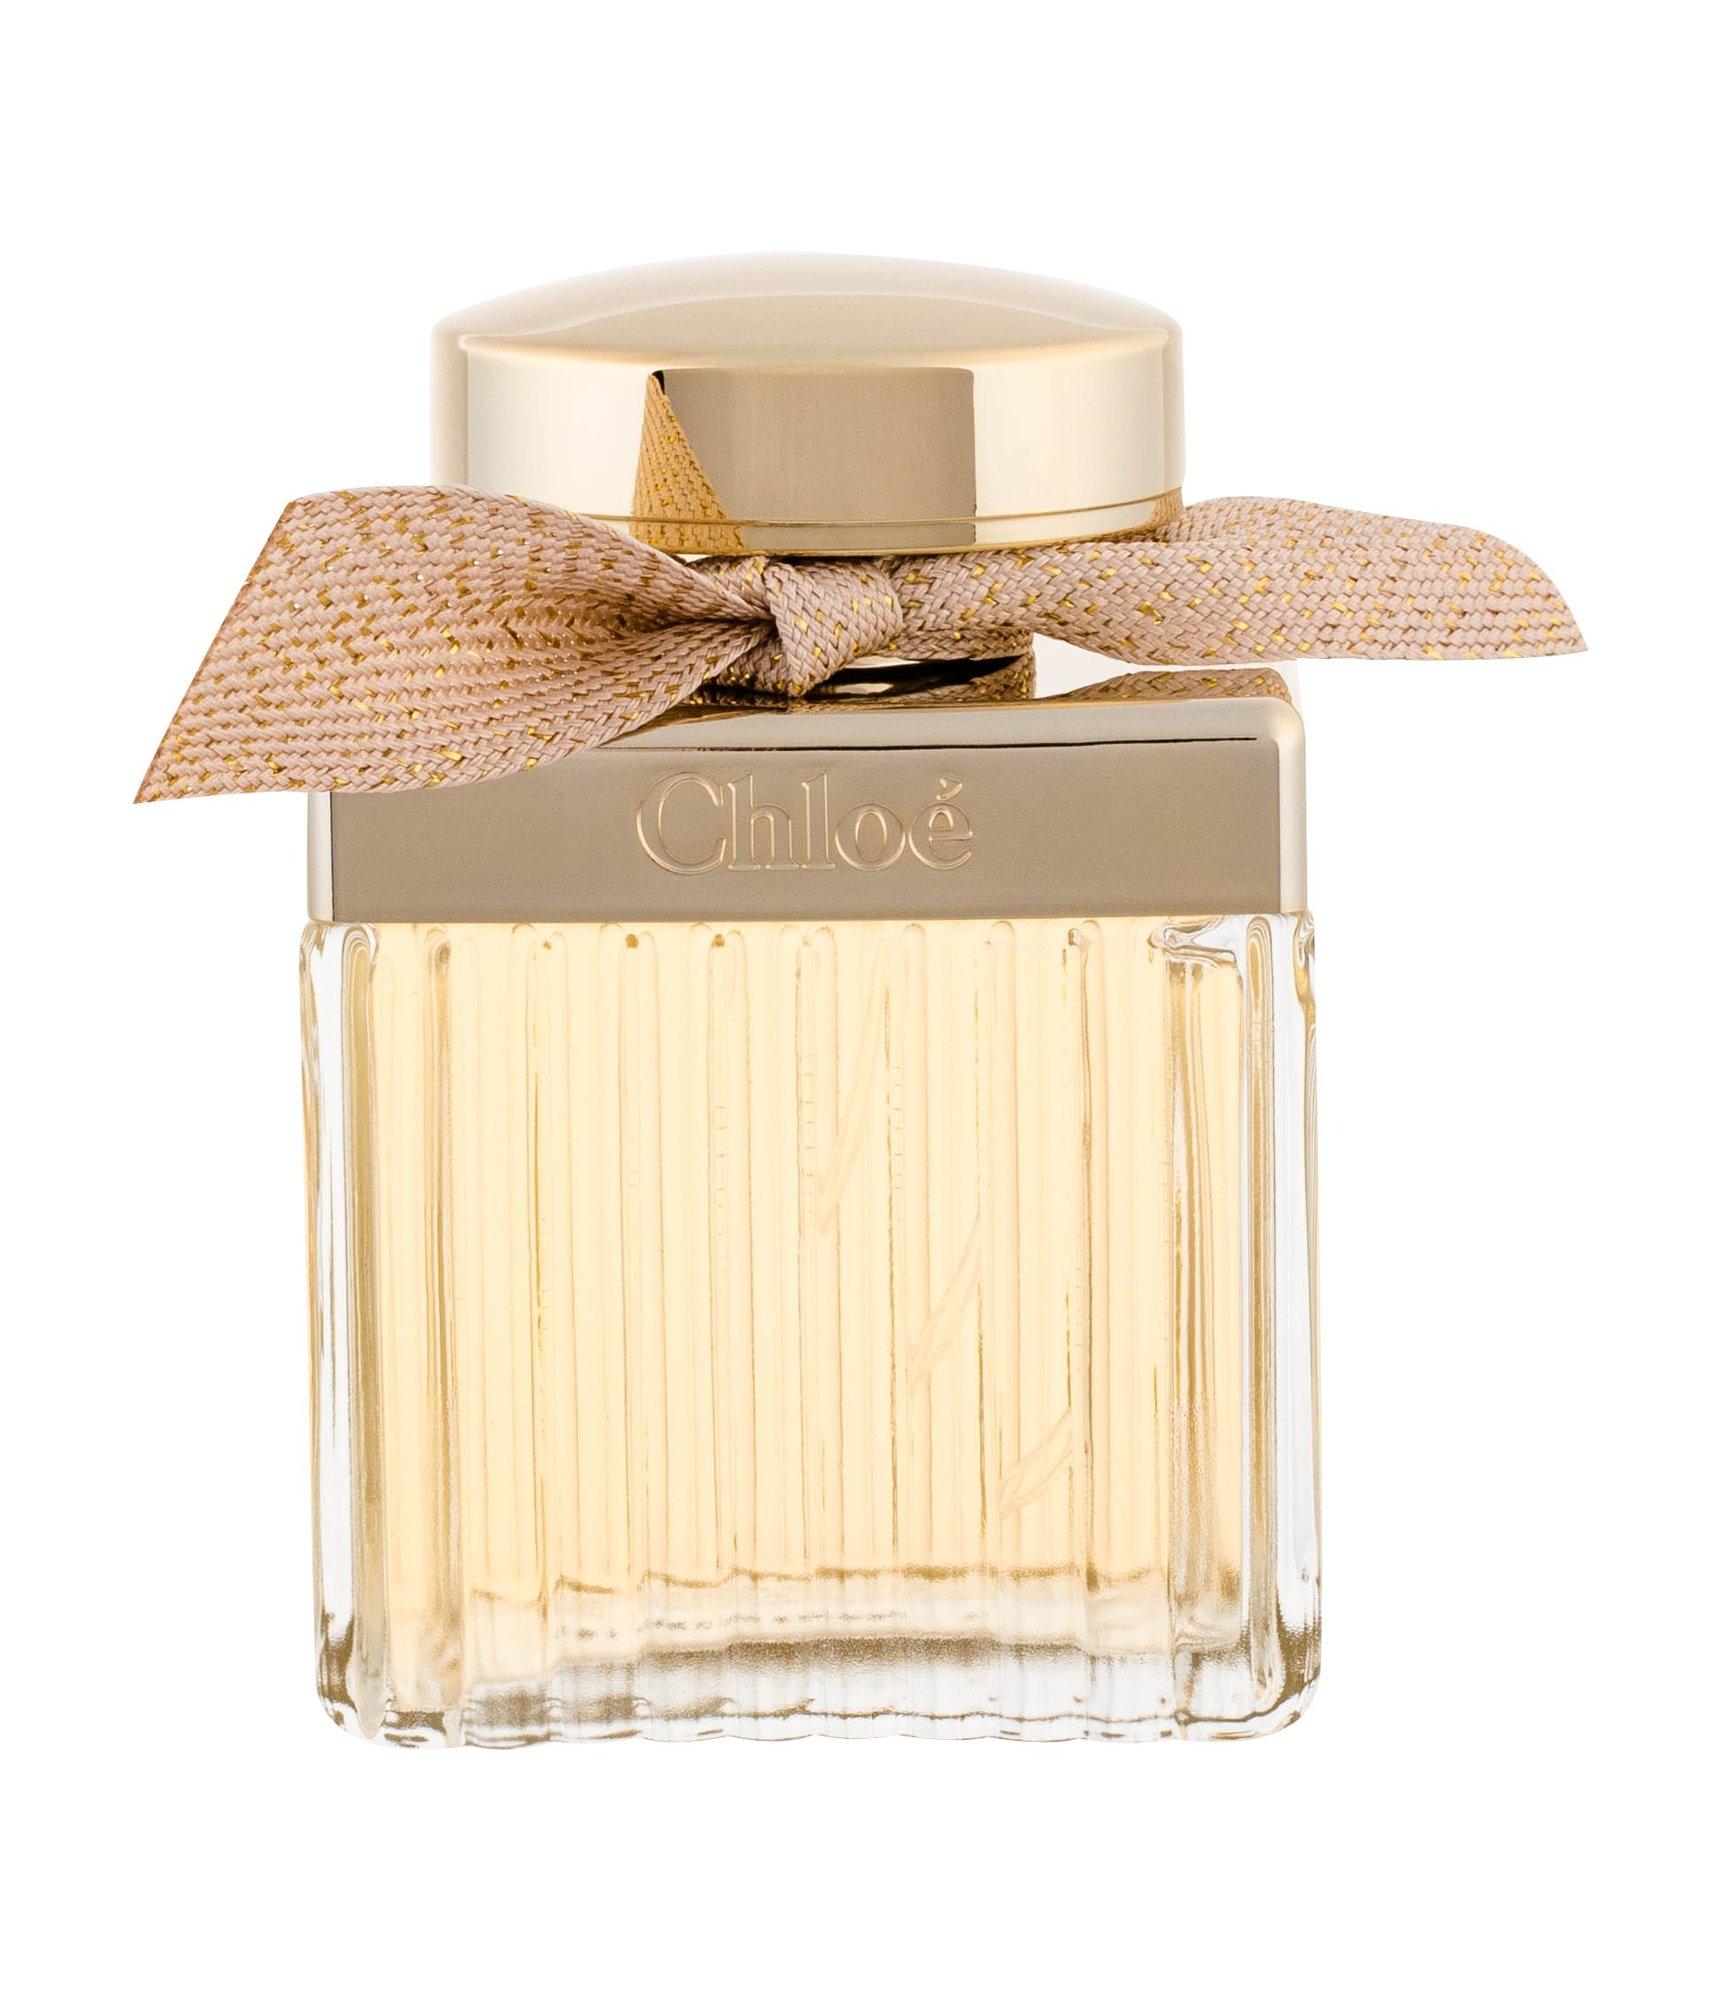 Chloé Chloe Absolu, vzorka vône